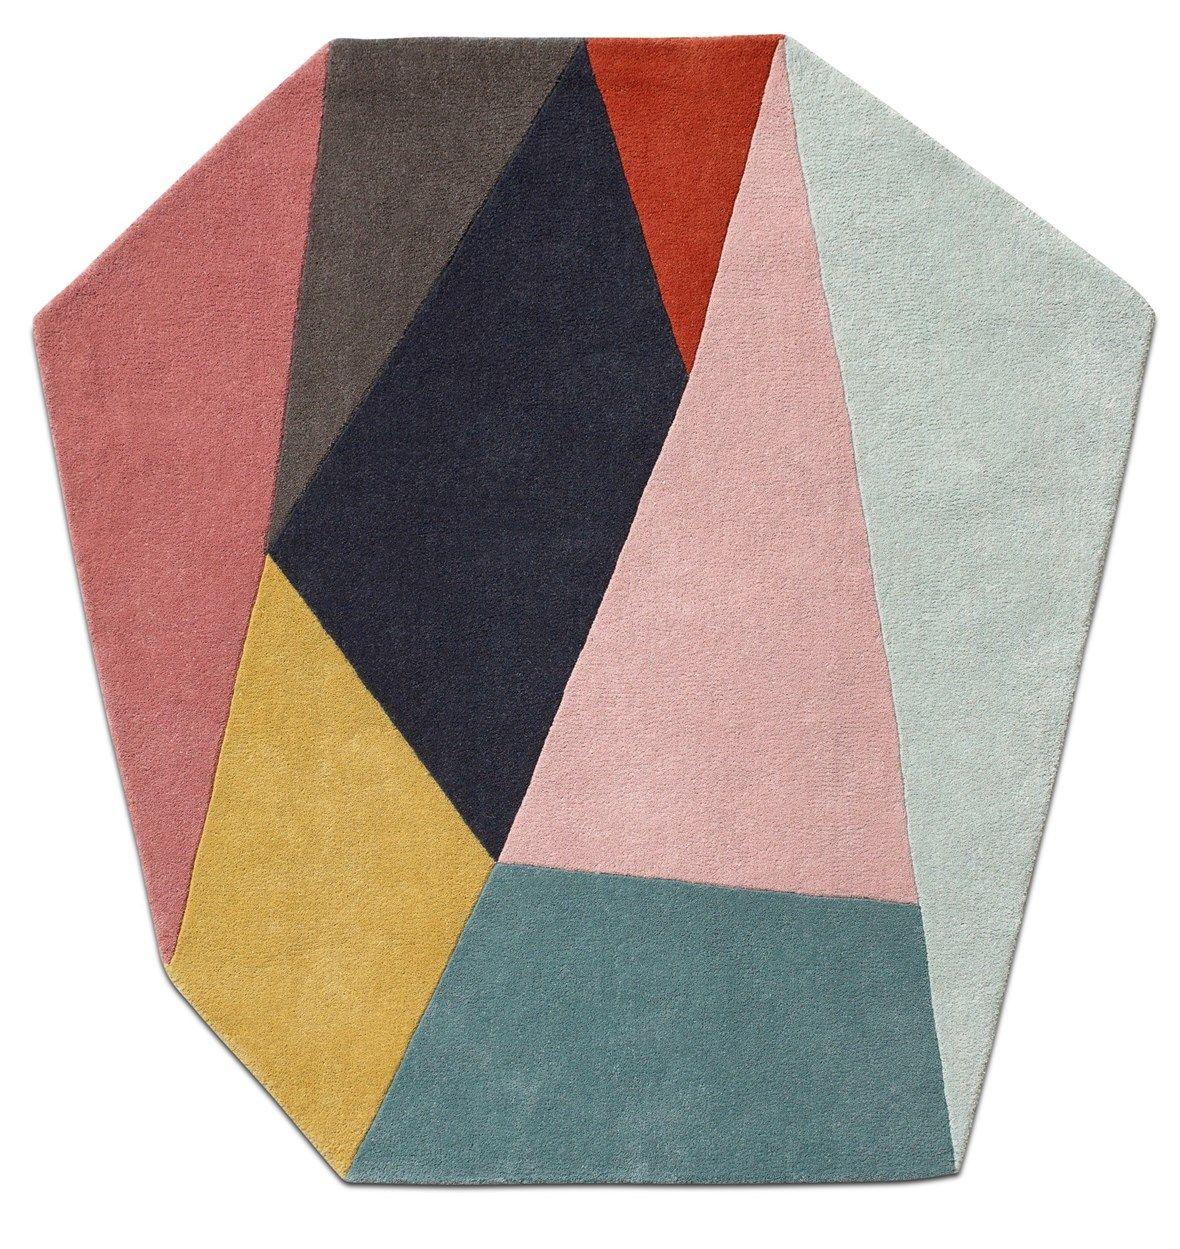 Alfombras redondas contempor neas calidad de boconcept client 22 en 2019 alfombras - Alfombras contemporaneas ...